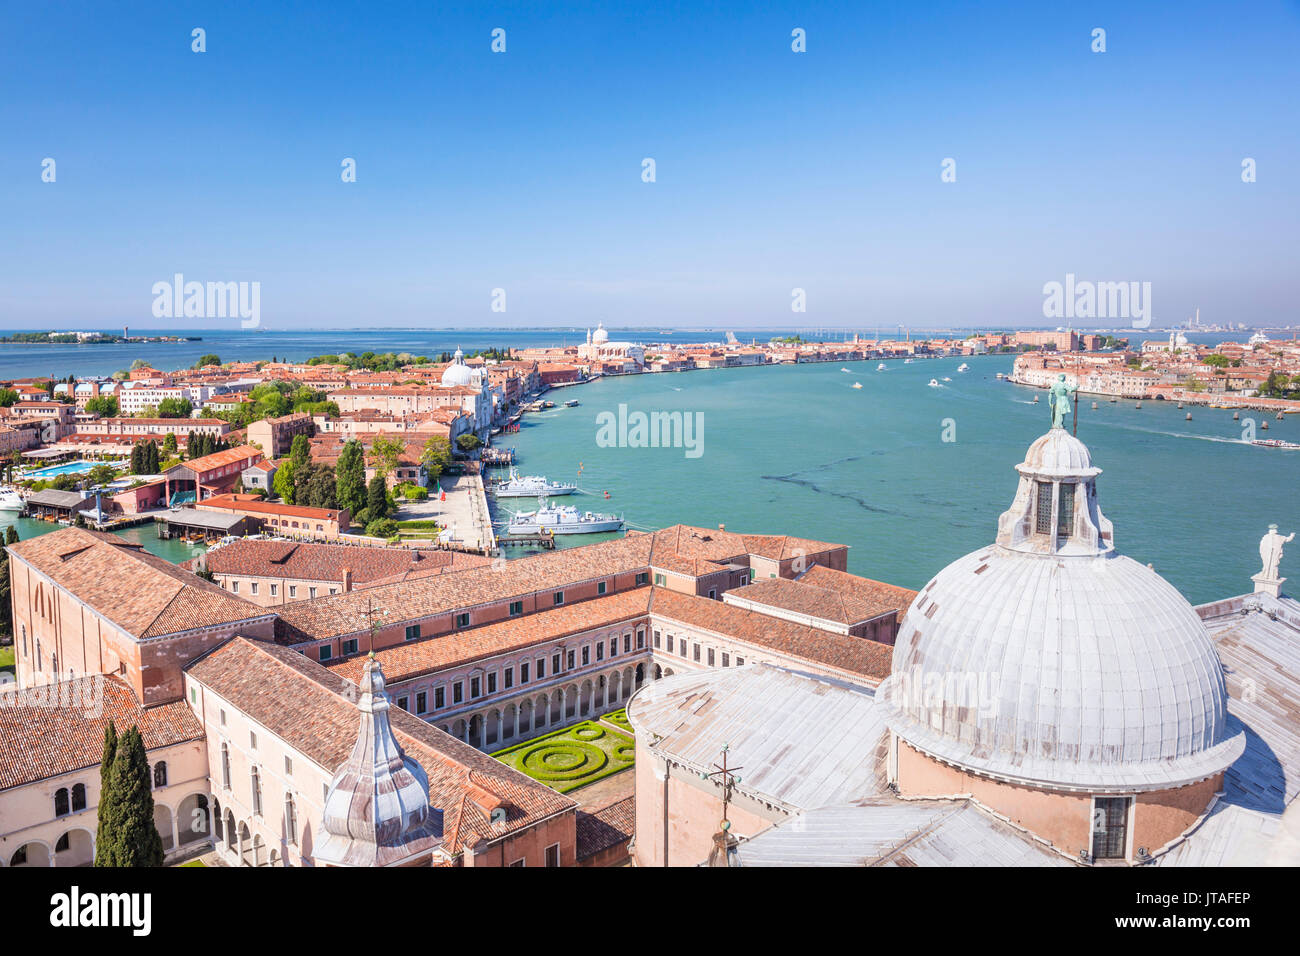 Kirche von San Giorgio Maggiore, das Dach und die Kuppel, mit Blick auf die Insel Giudecca, Venedig, UNESCO, Venetien, Stockbild